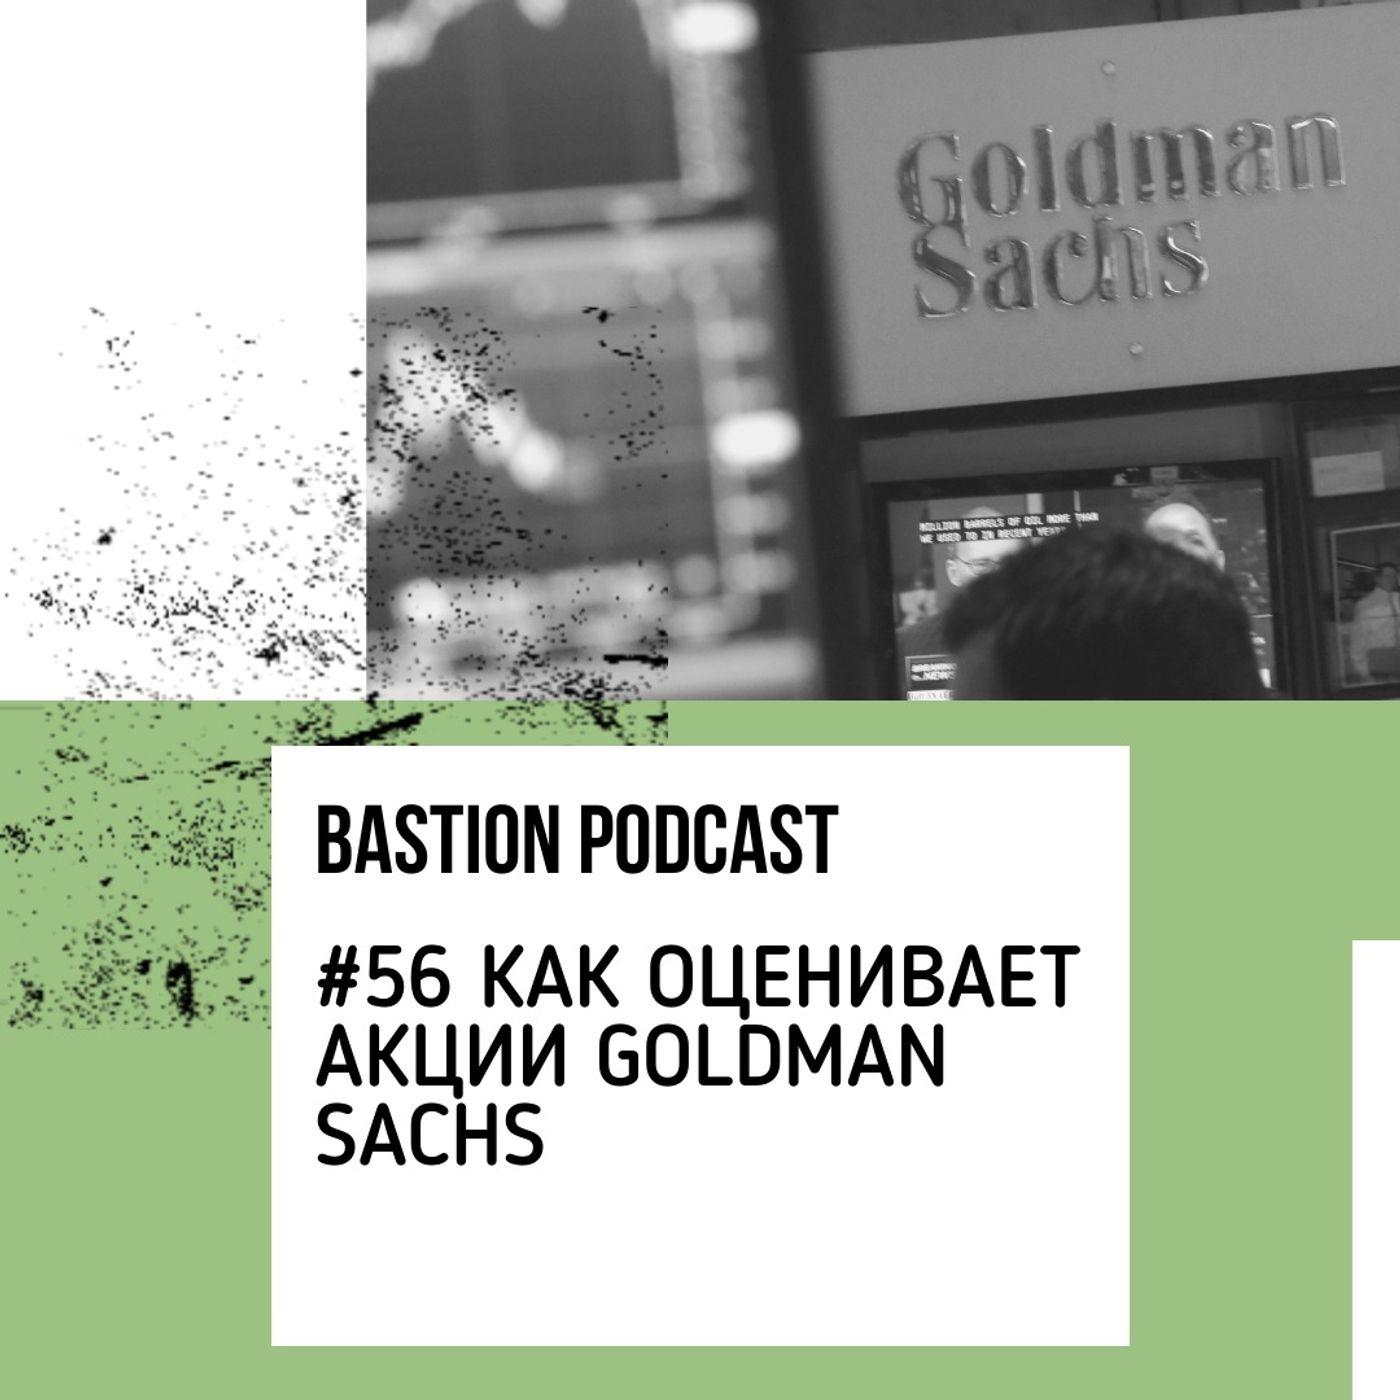 #56: Как оценивает акции Goldman Sachs